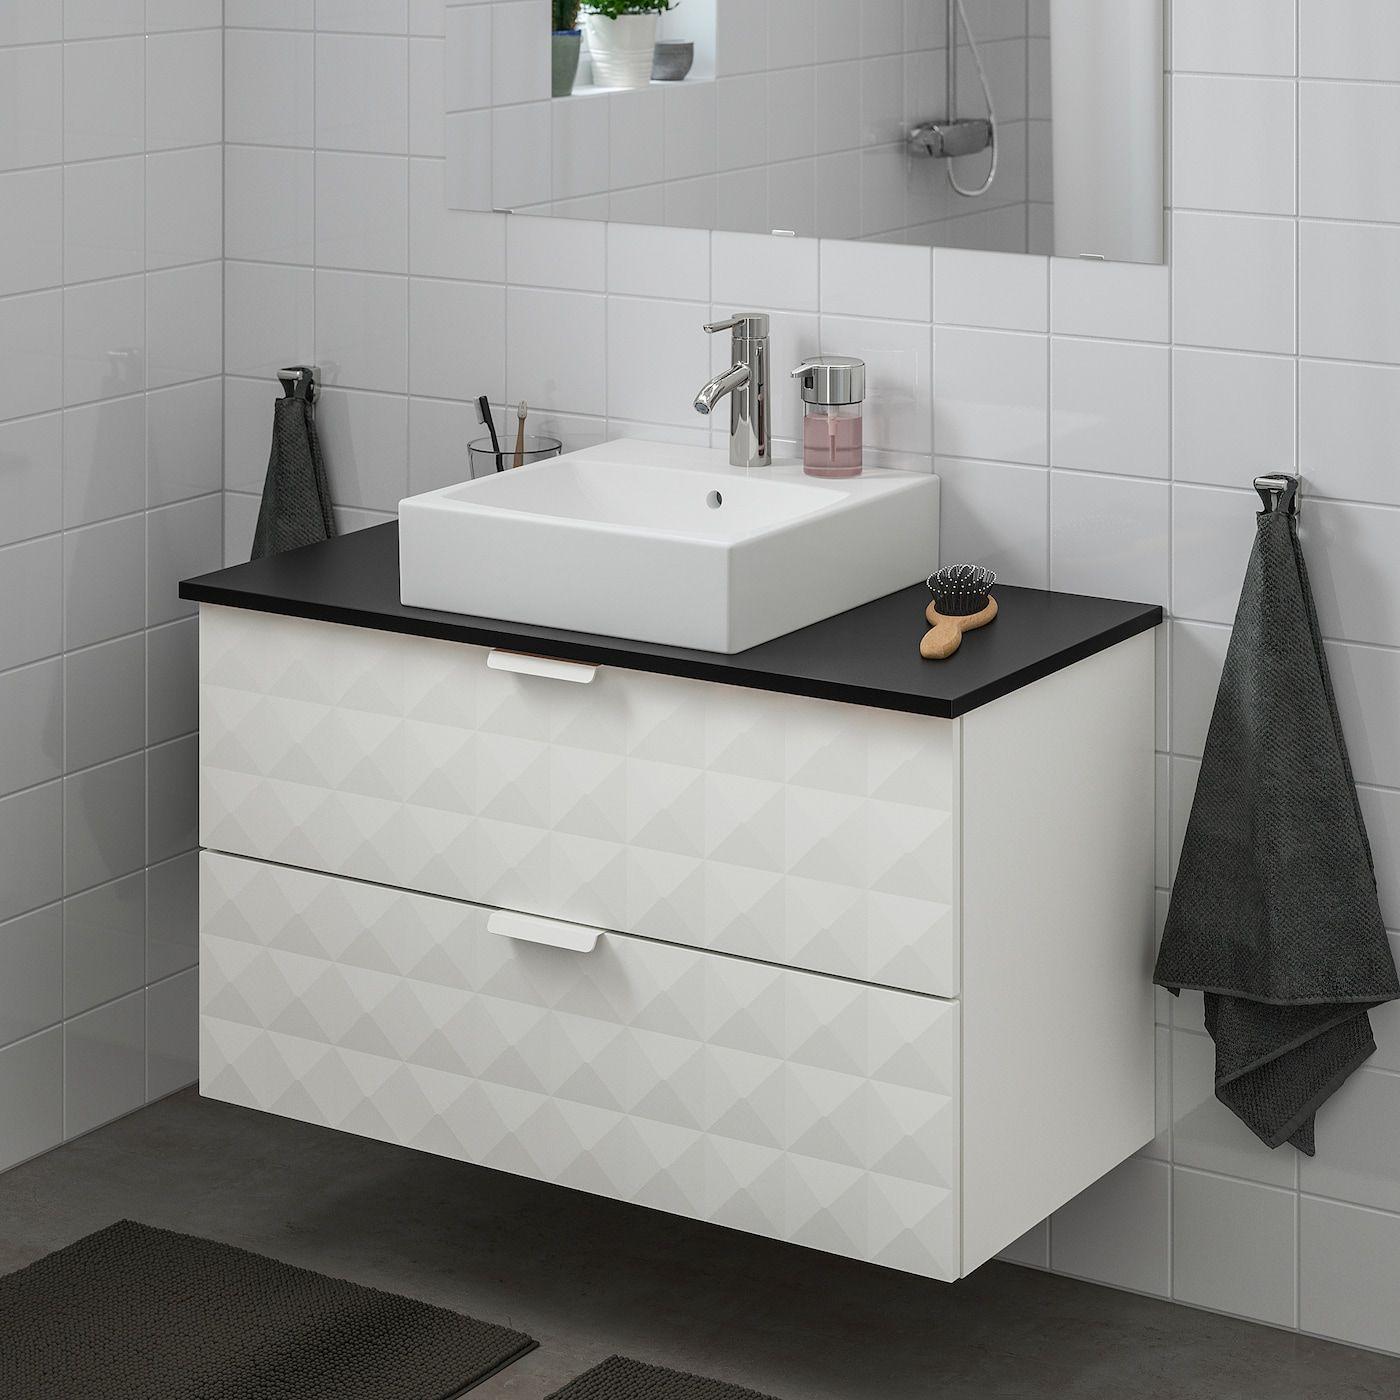 / TÖRNVIKEN Bathroom vanity Resjön